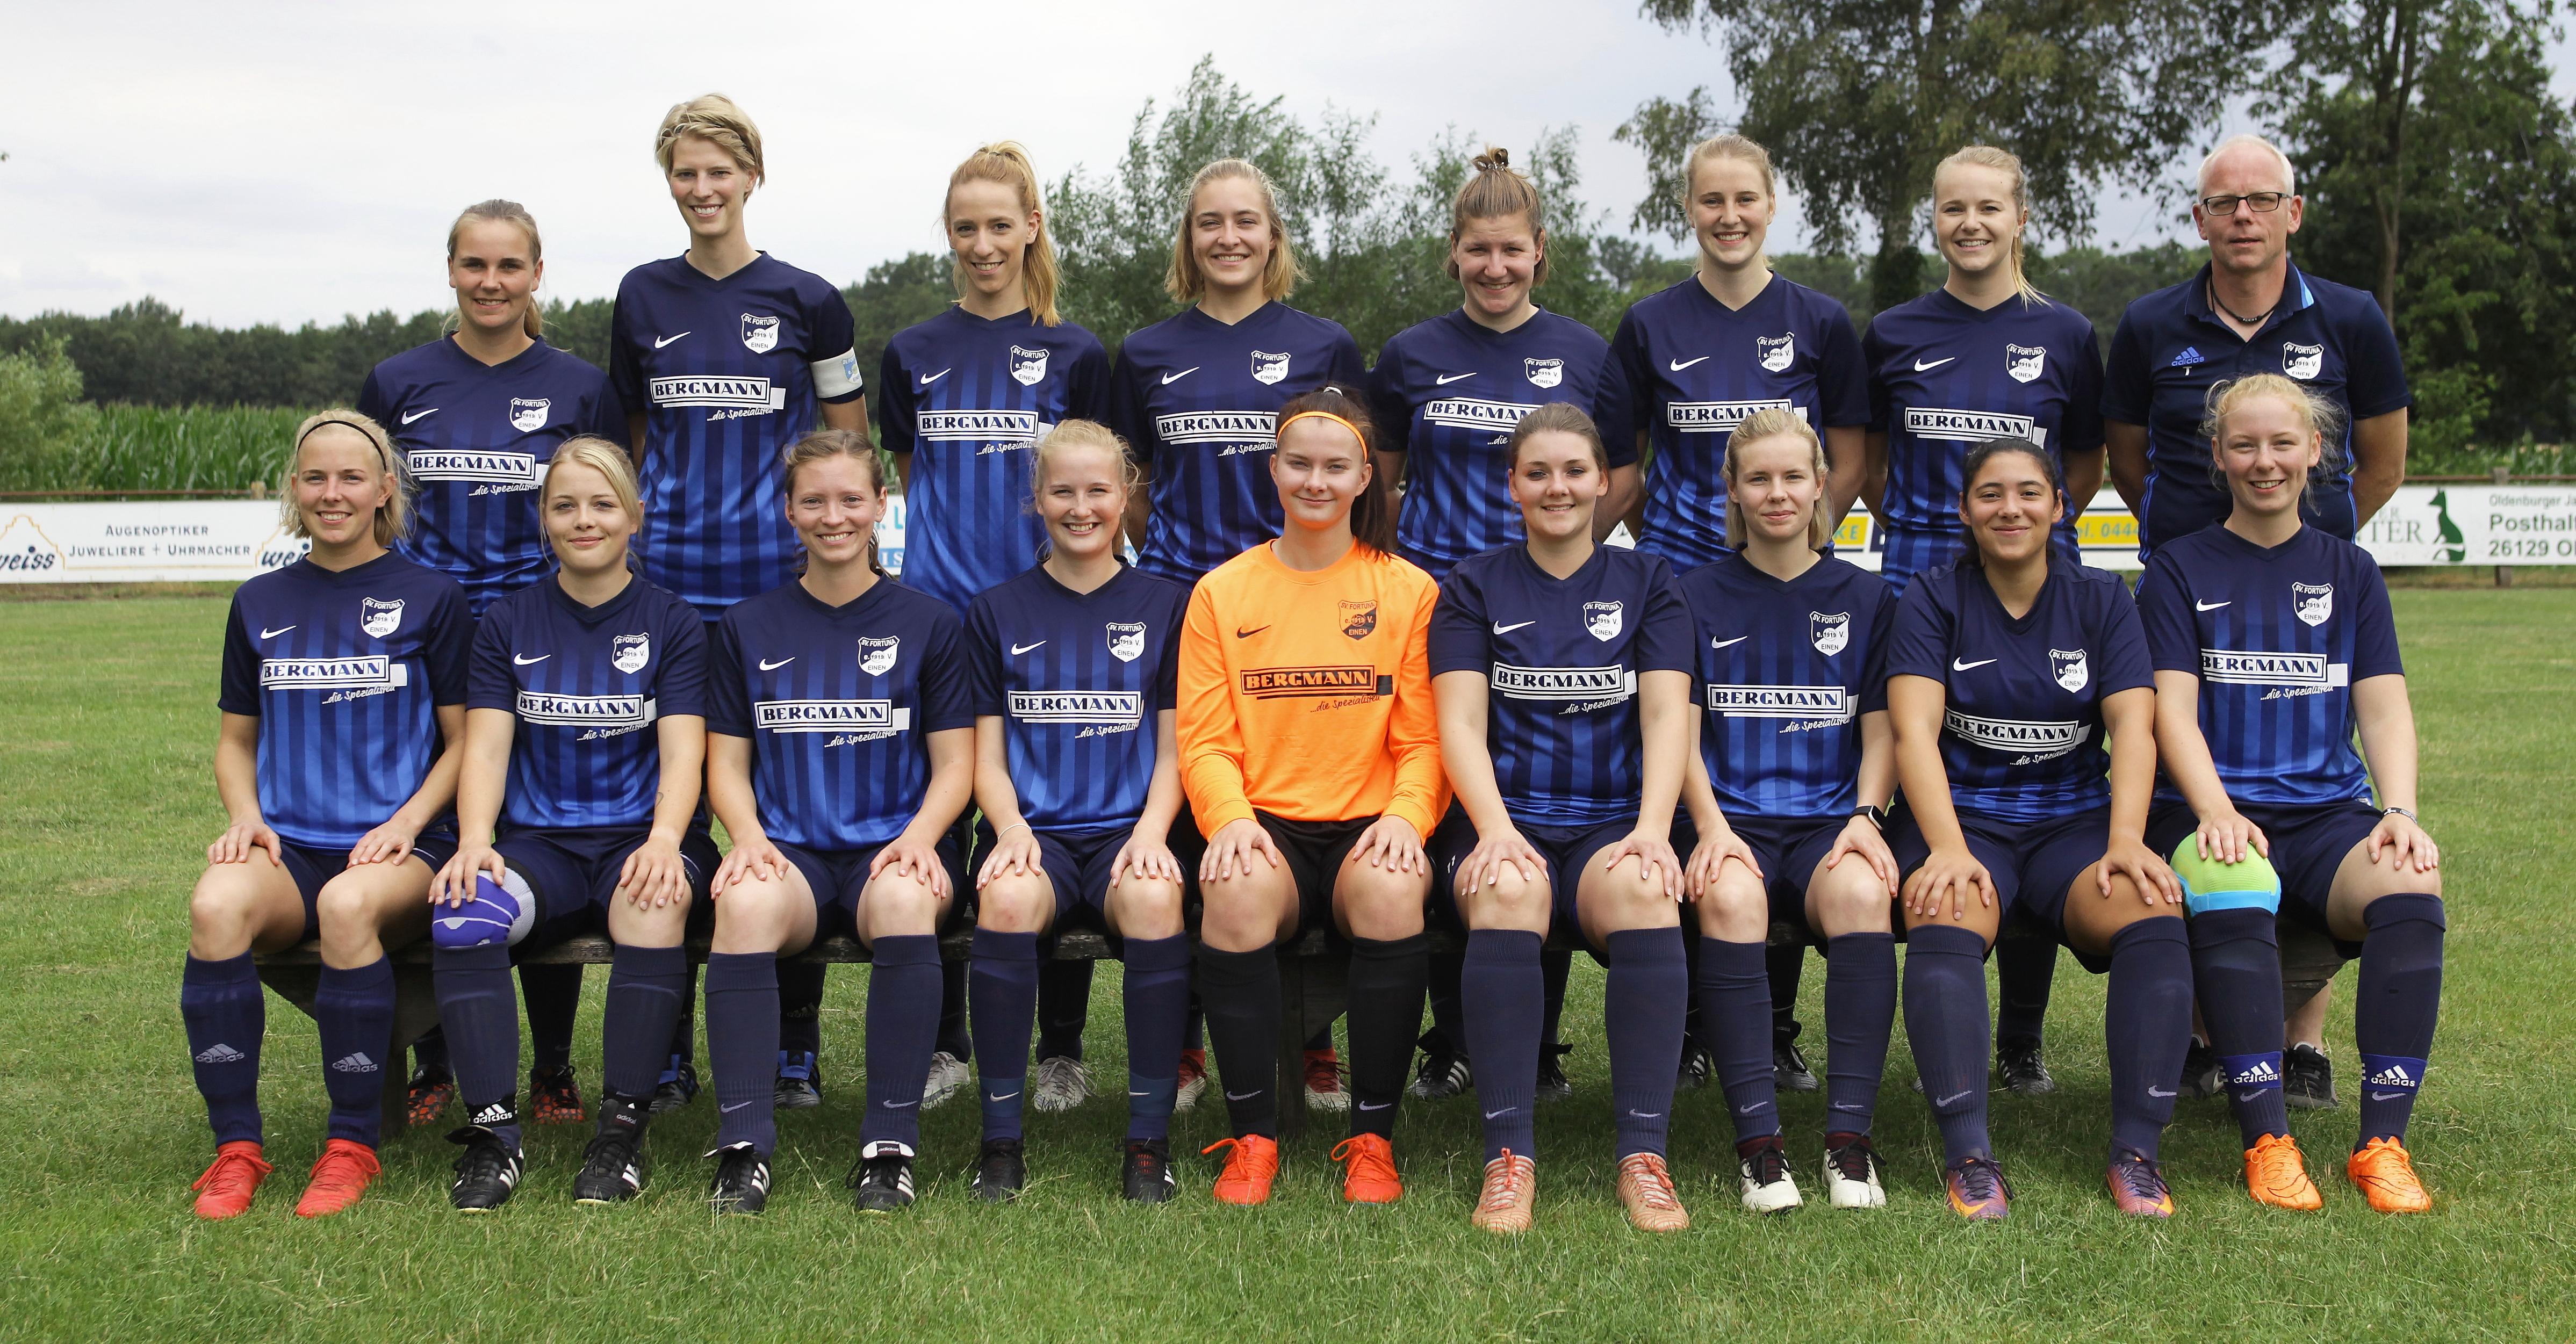 1.Damen Manschaftsfoto Saison 2019/20 Bezirksliga